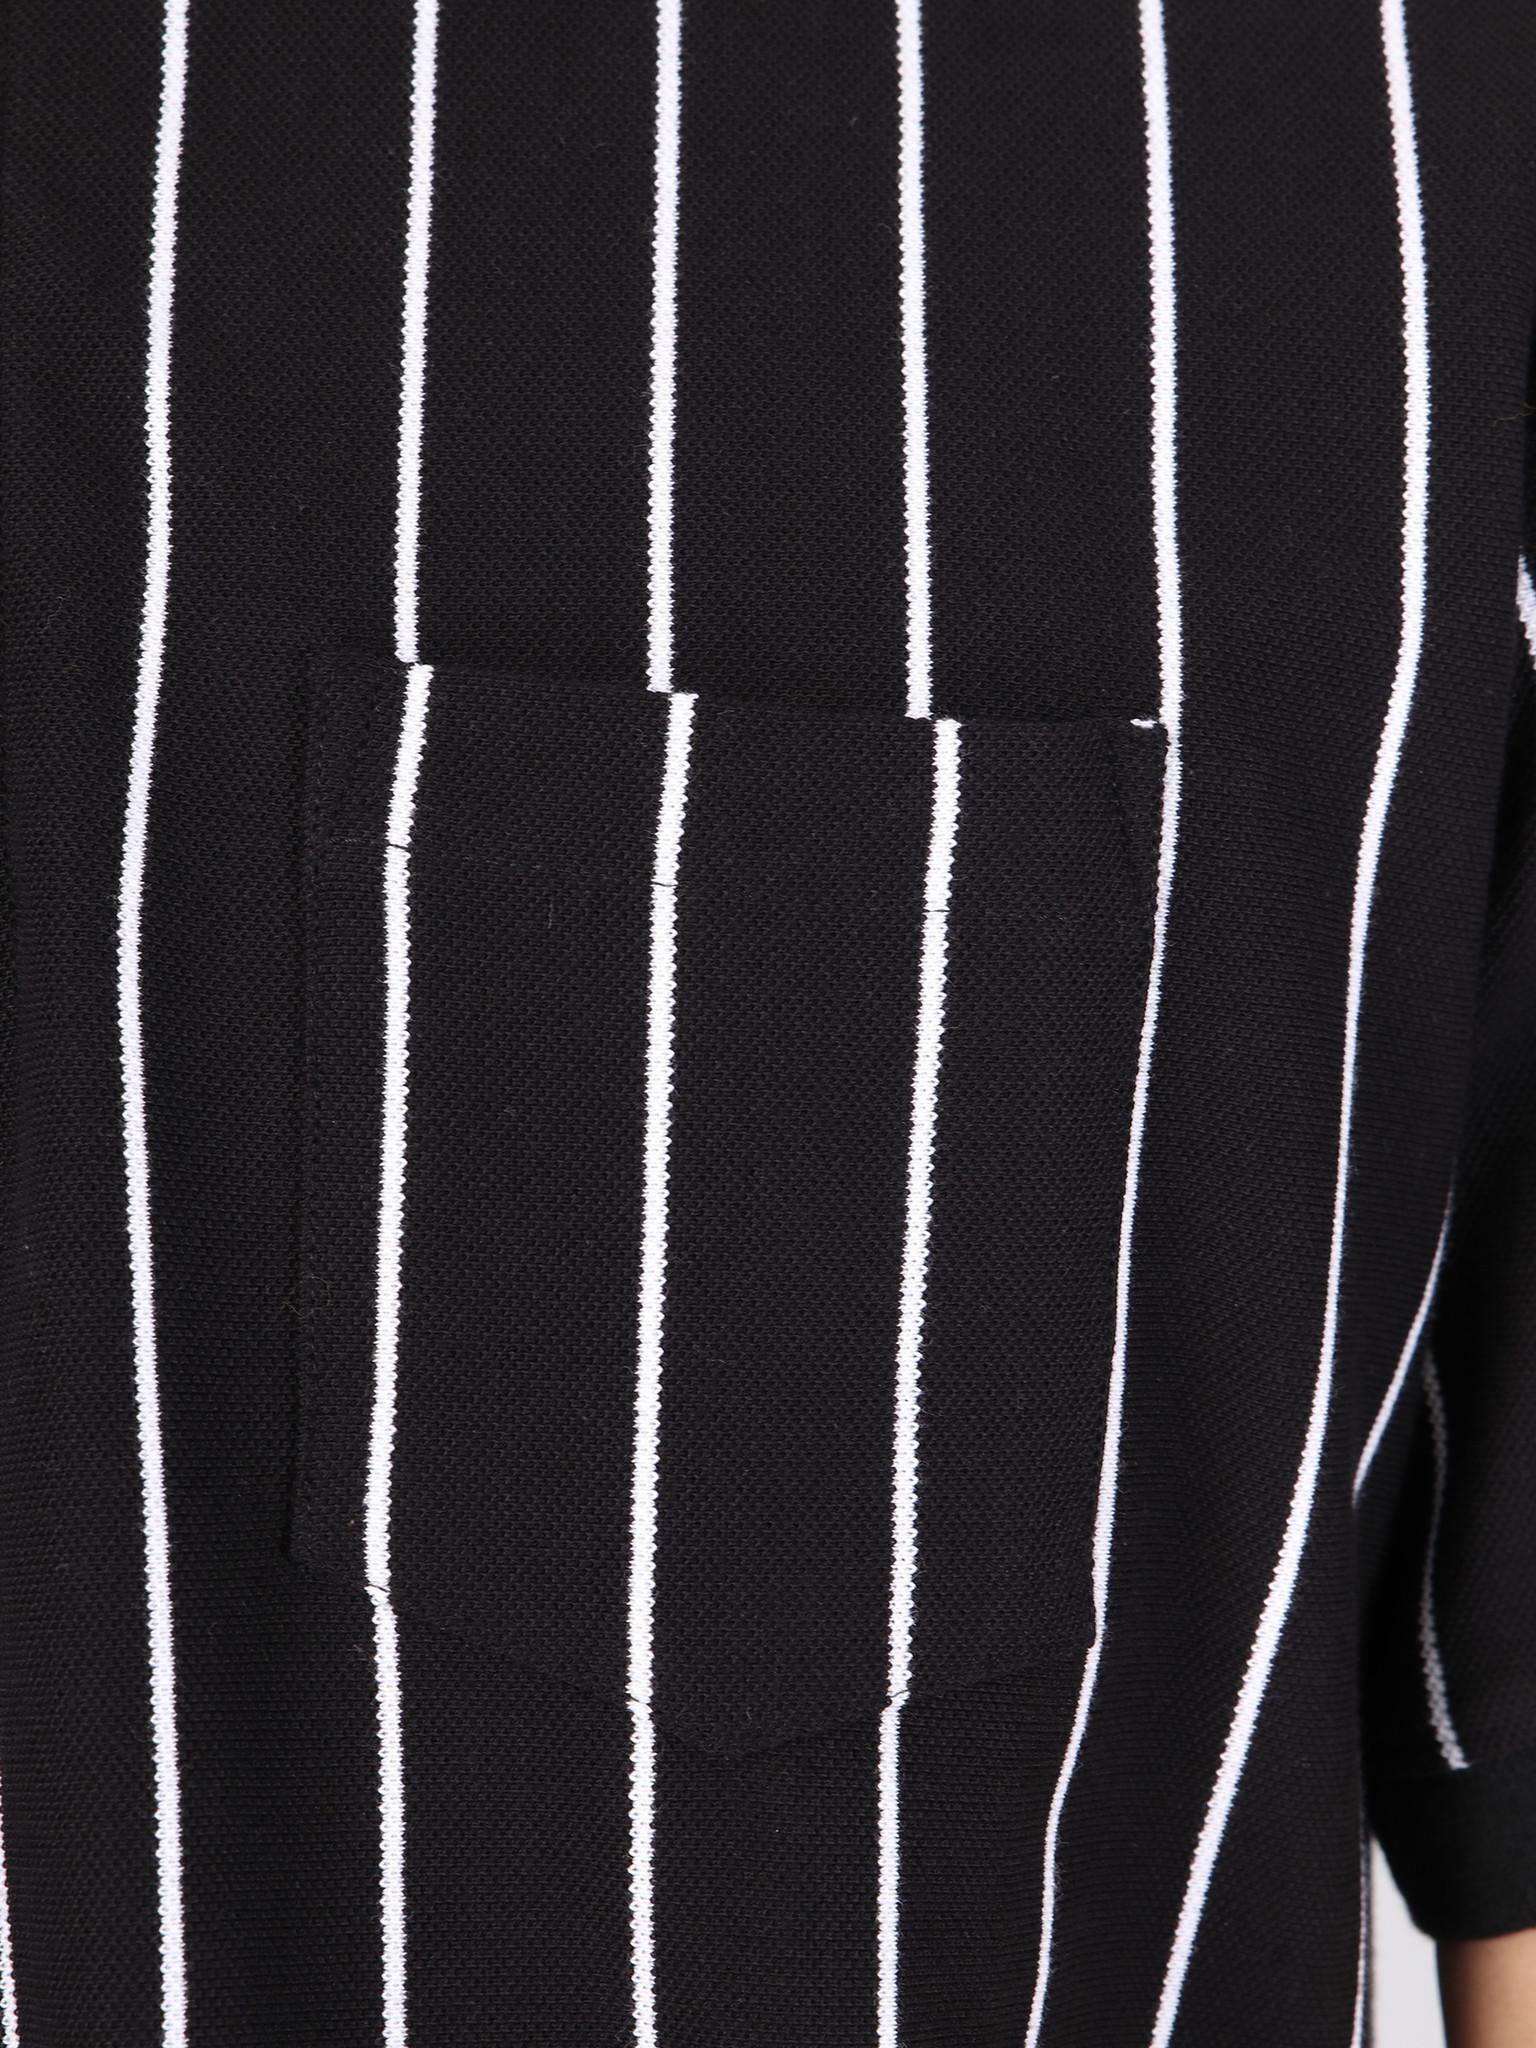 Wemoto Wemoto Ace T-Shirt Black White-Eggplant 131.201-117